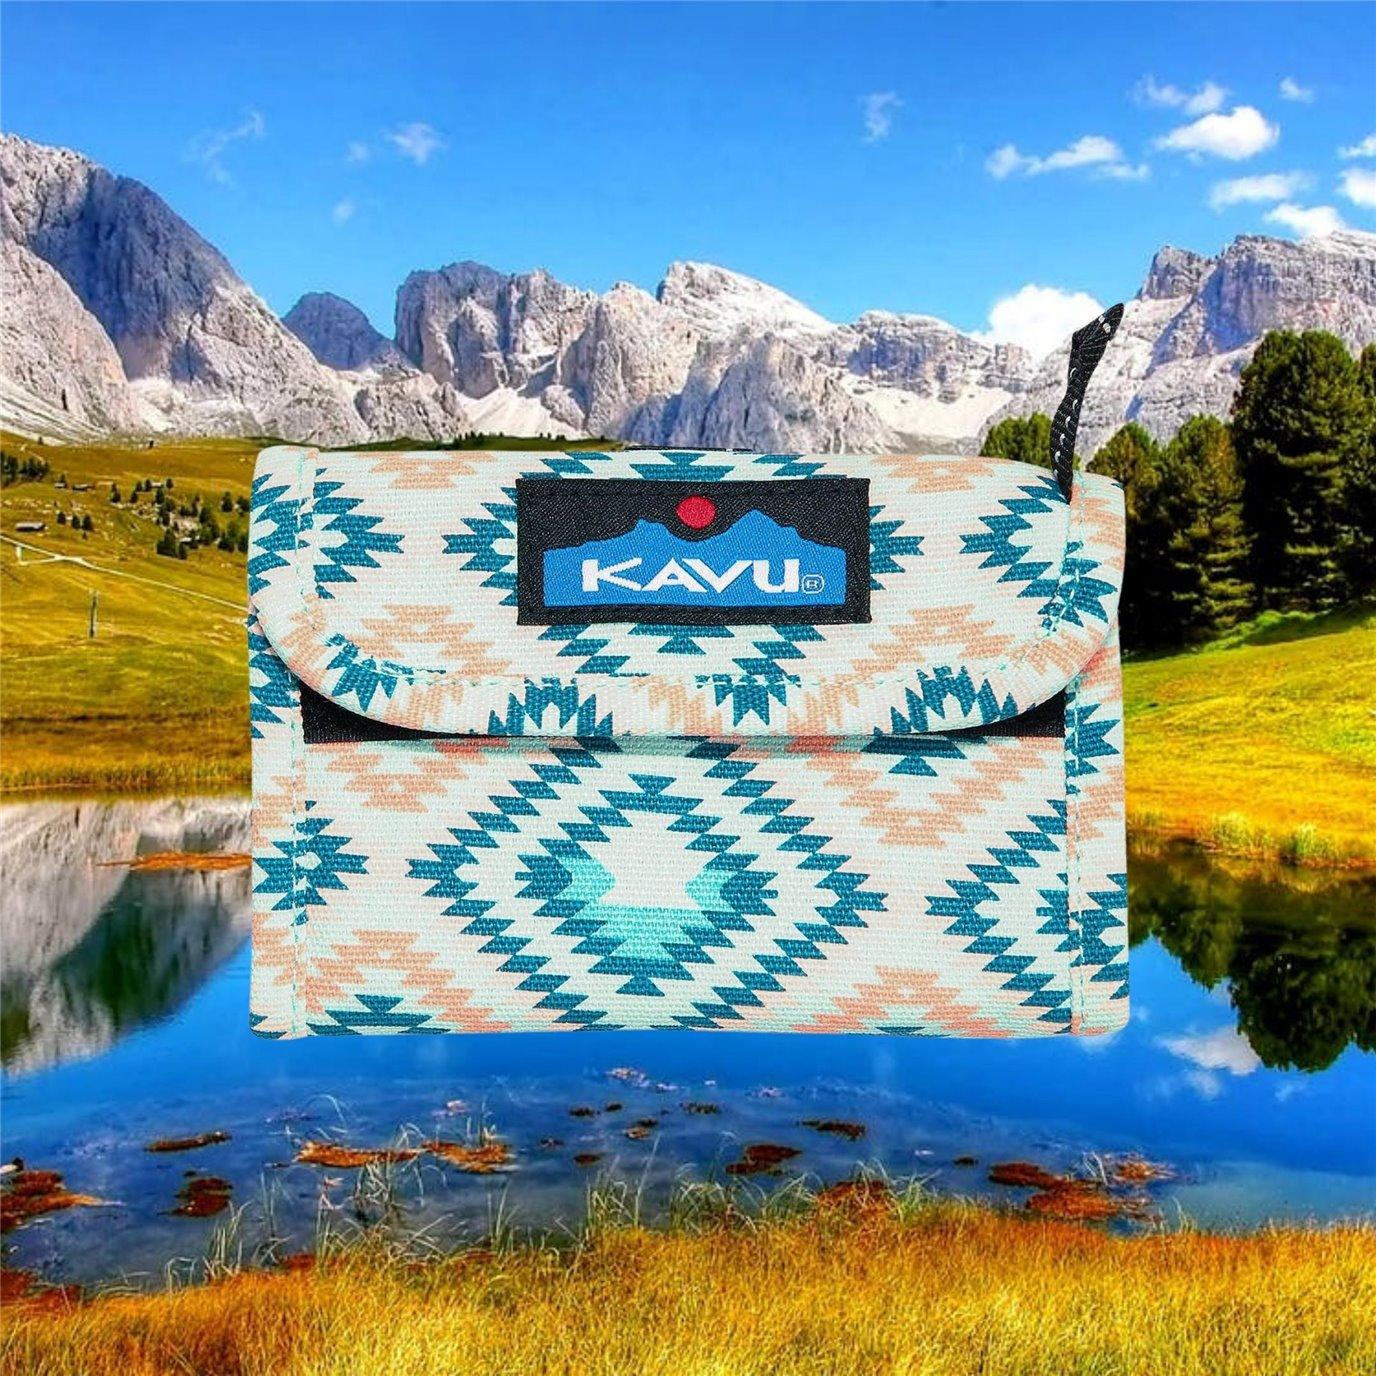 Kavu Wallets